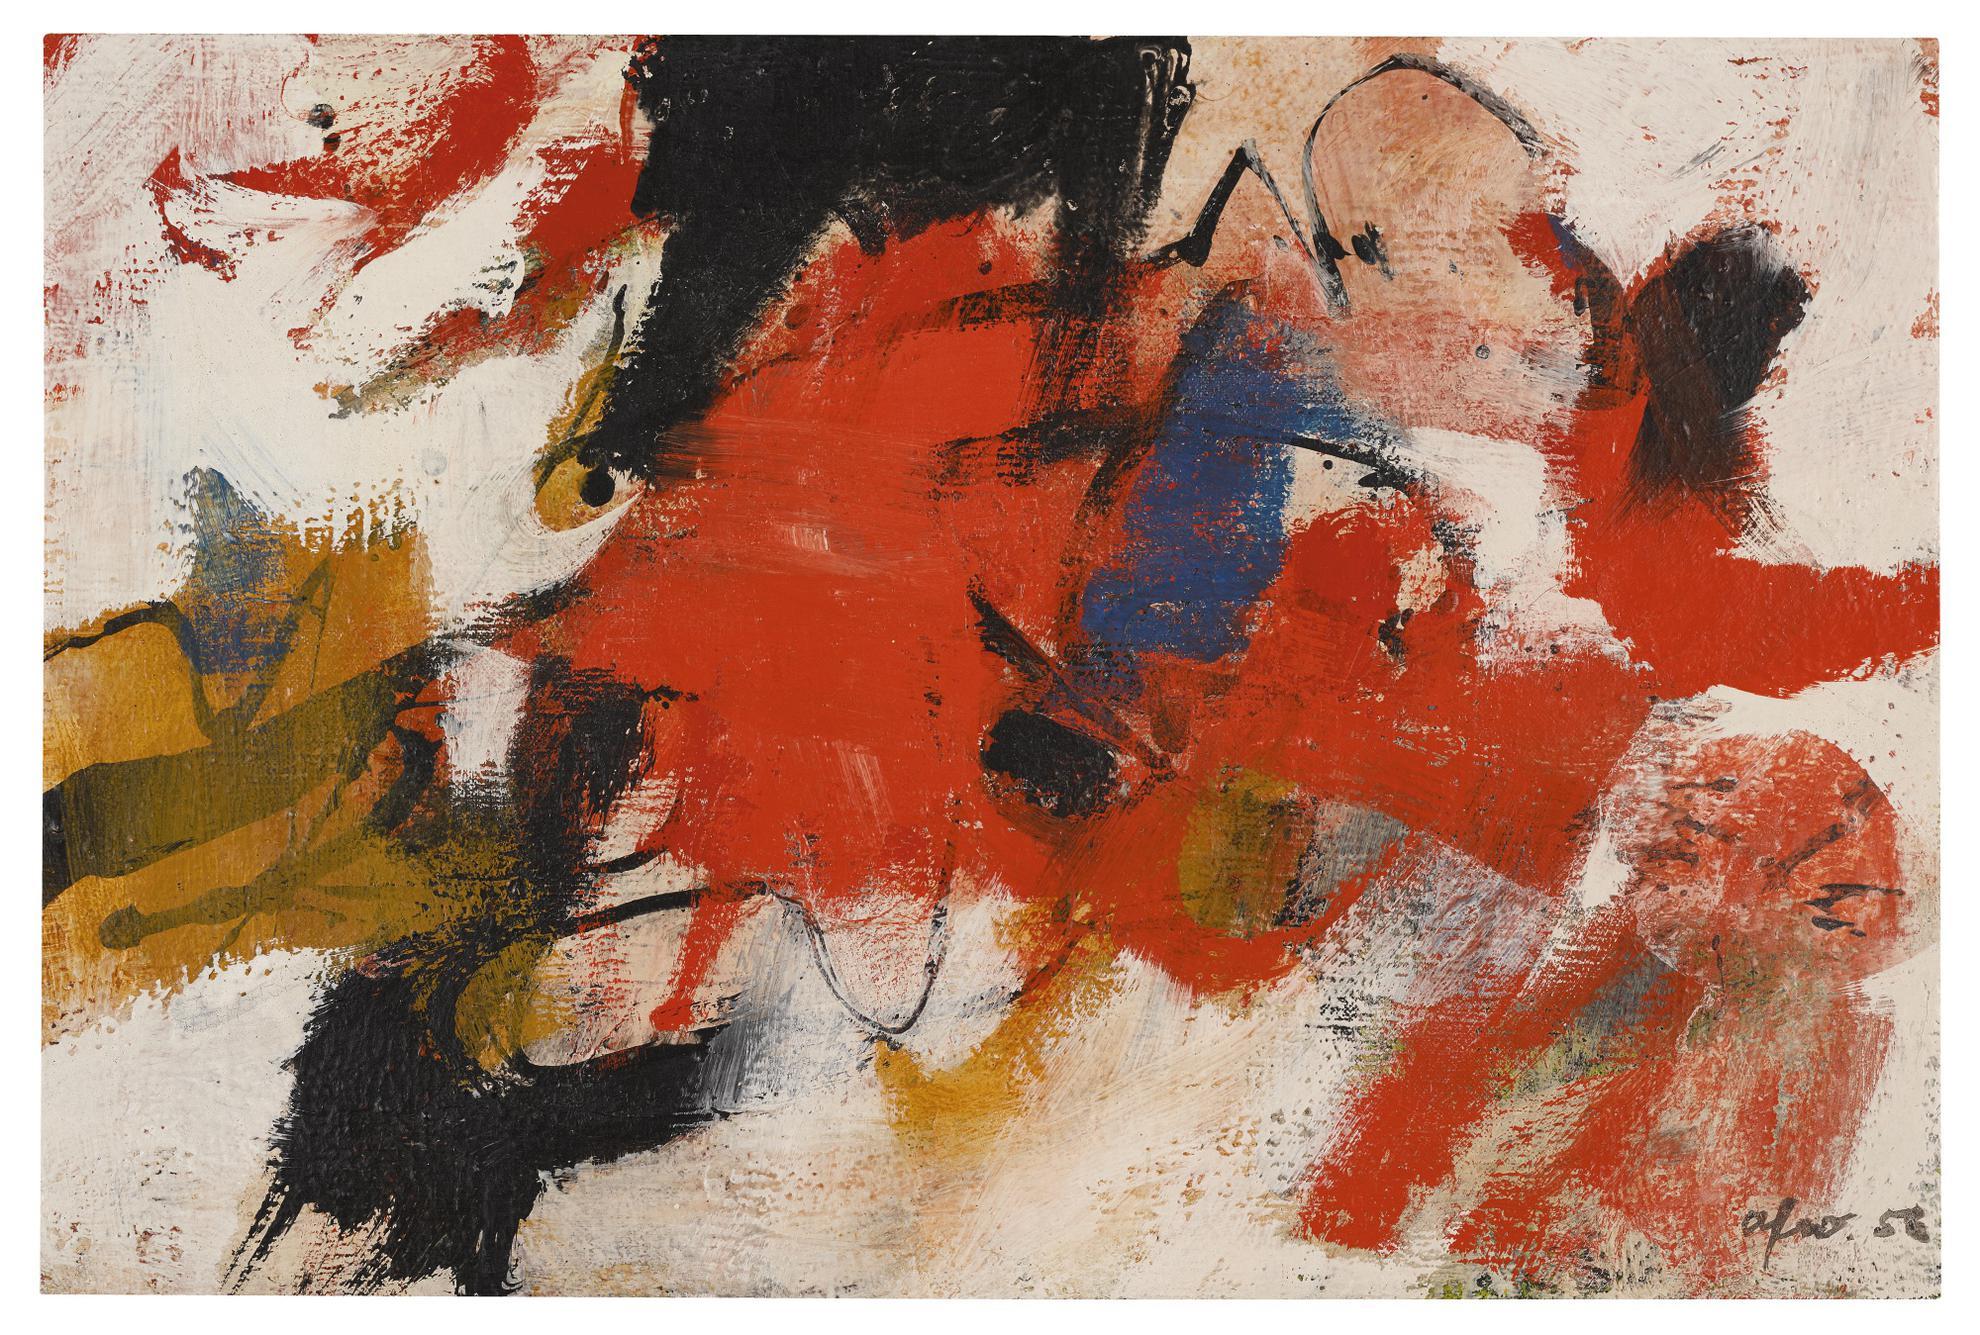 Afro Basaldella-Rosso Col Bianco-1956